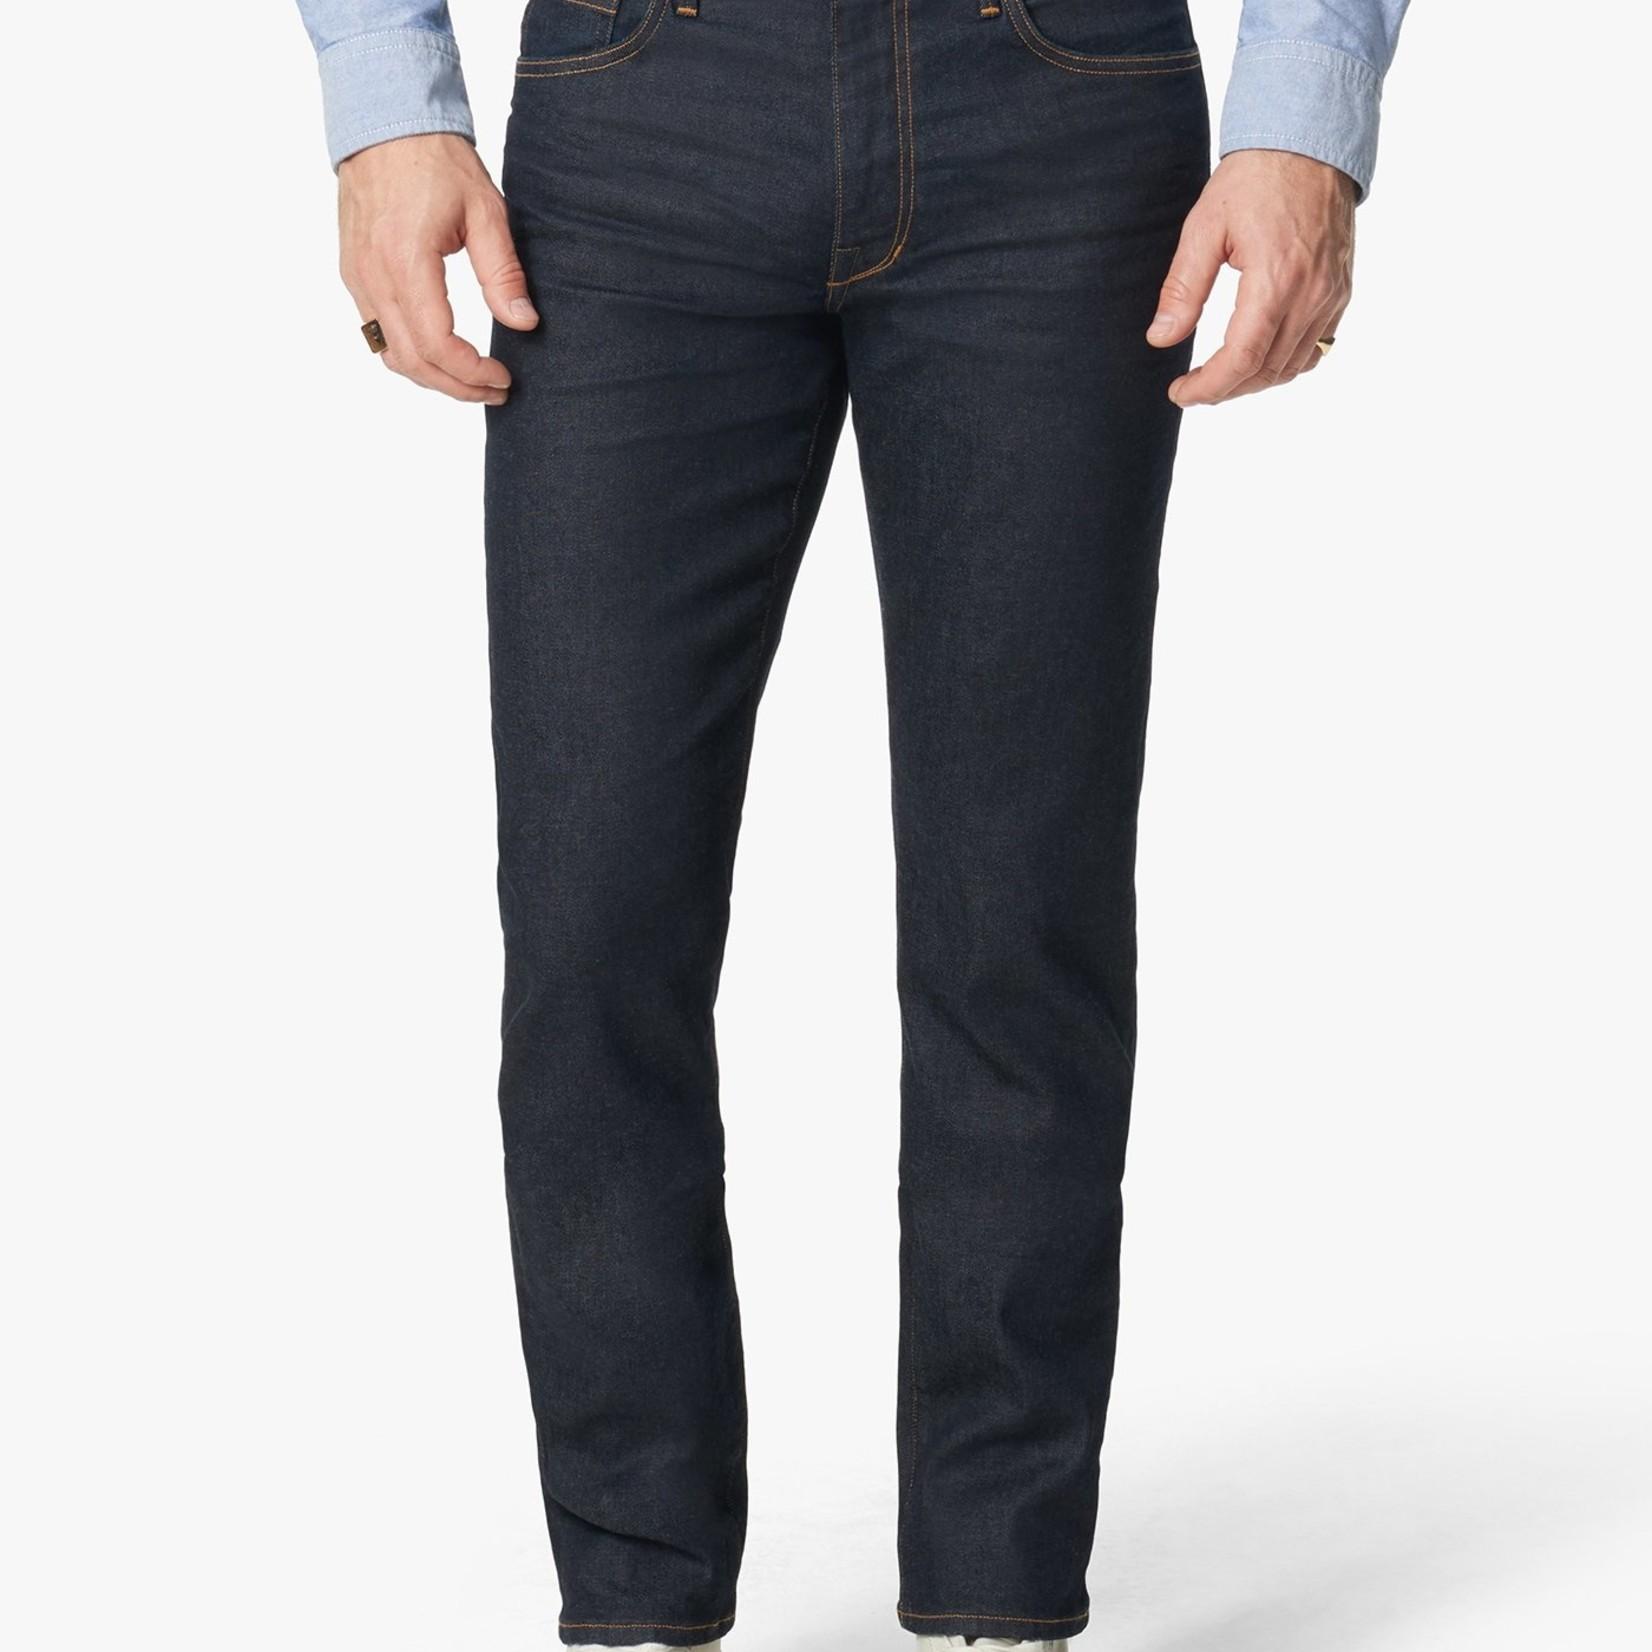 Joe's Joe's Jeans Asher